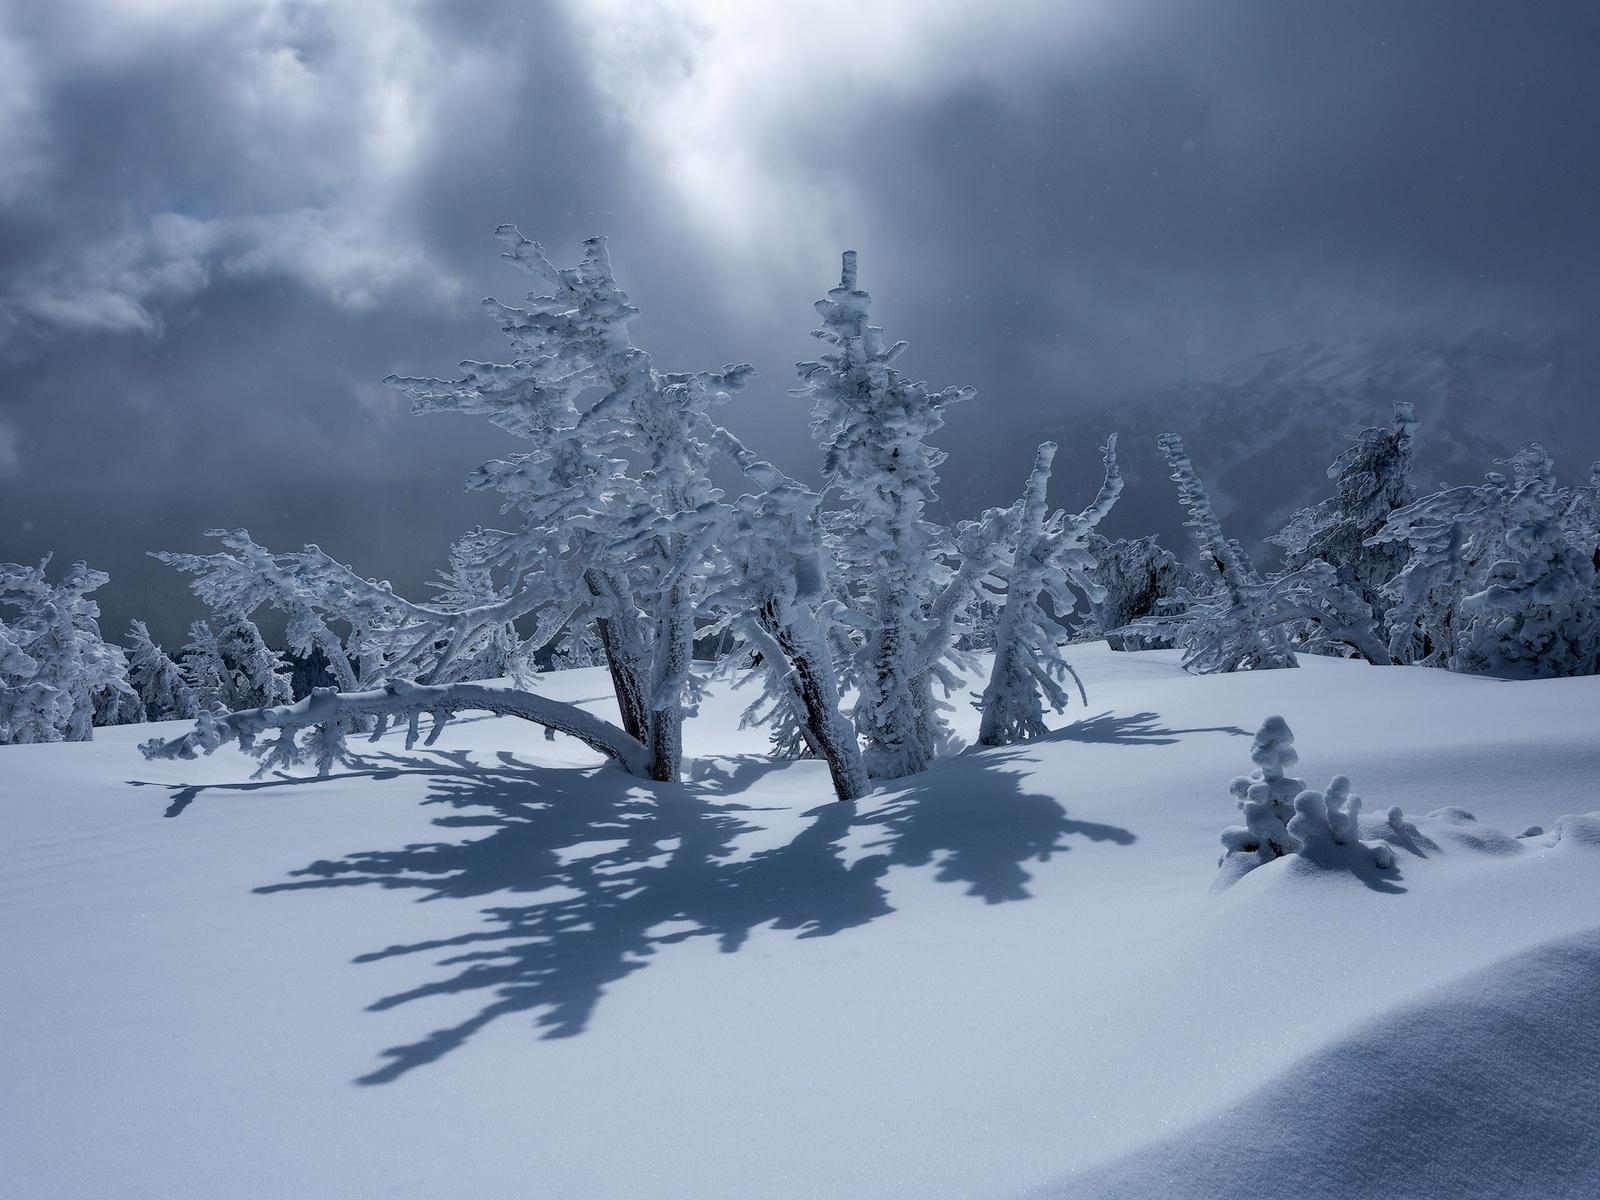 пейзаж, природа, горы, деревья, зима, снег, тени, тучи